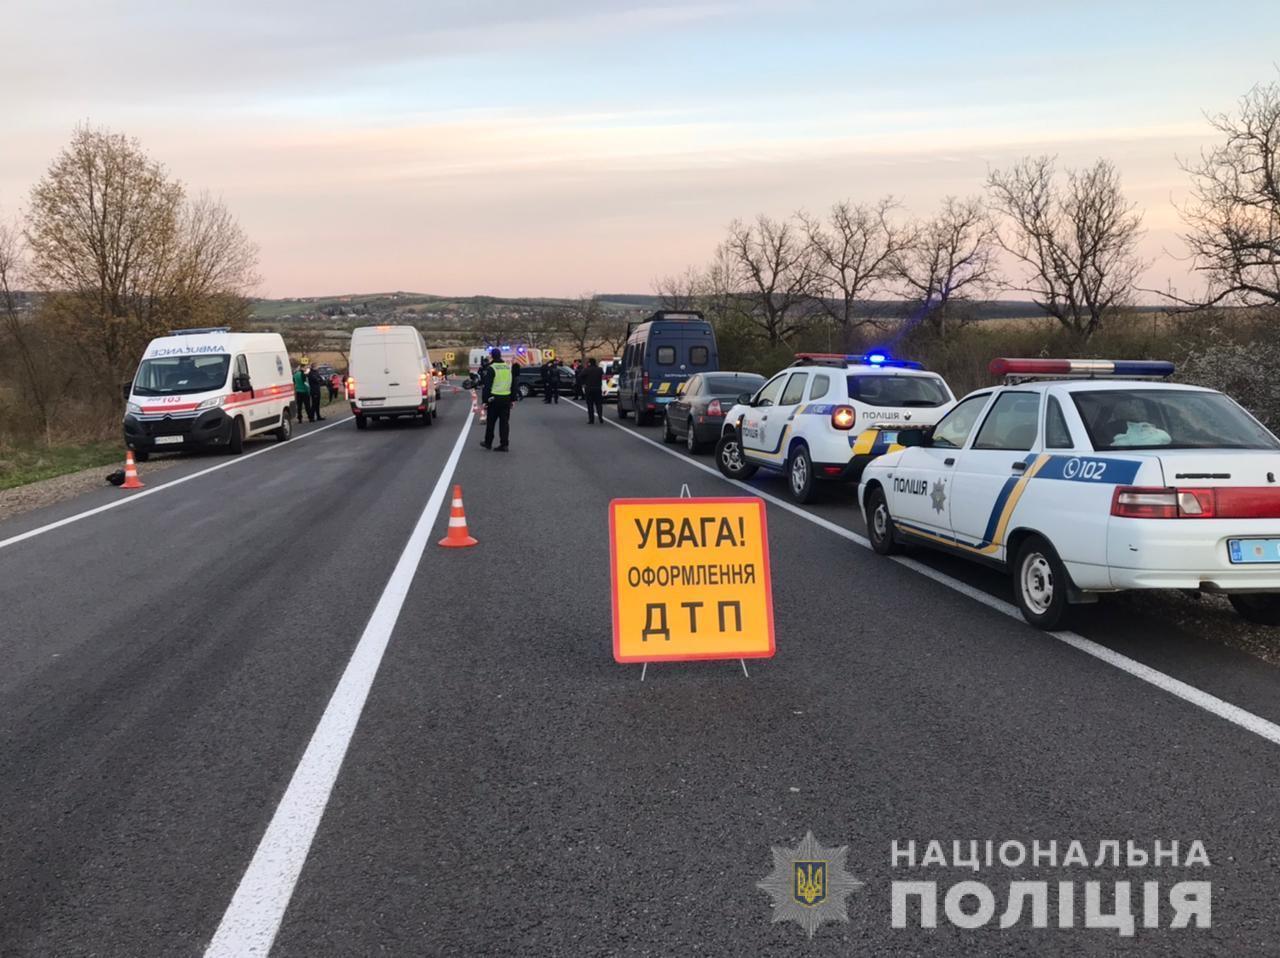 Моторошна ДТП на Мукачівщині – троє загиблих, одна людина травмована (ФОТО)